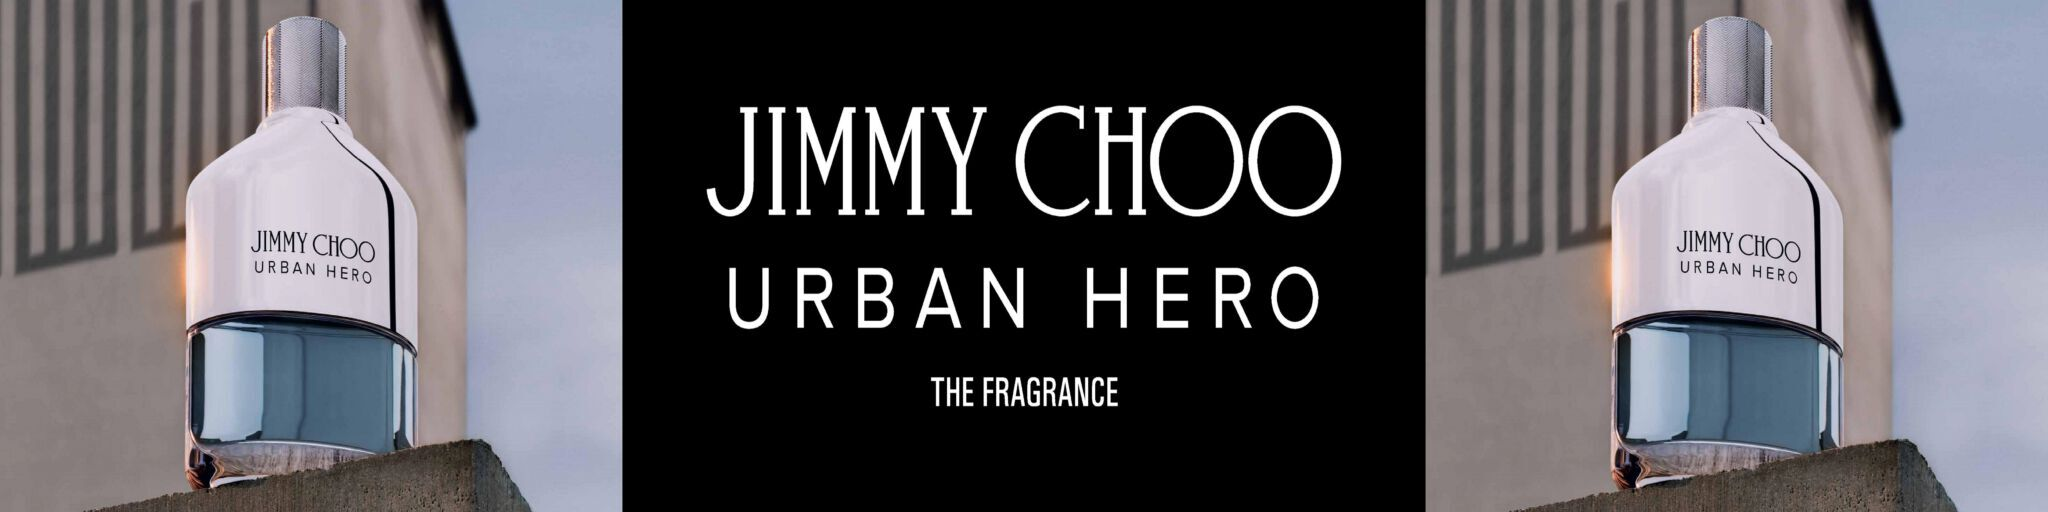 Jimmy Choo Urban Hero